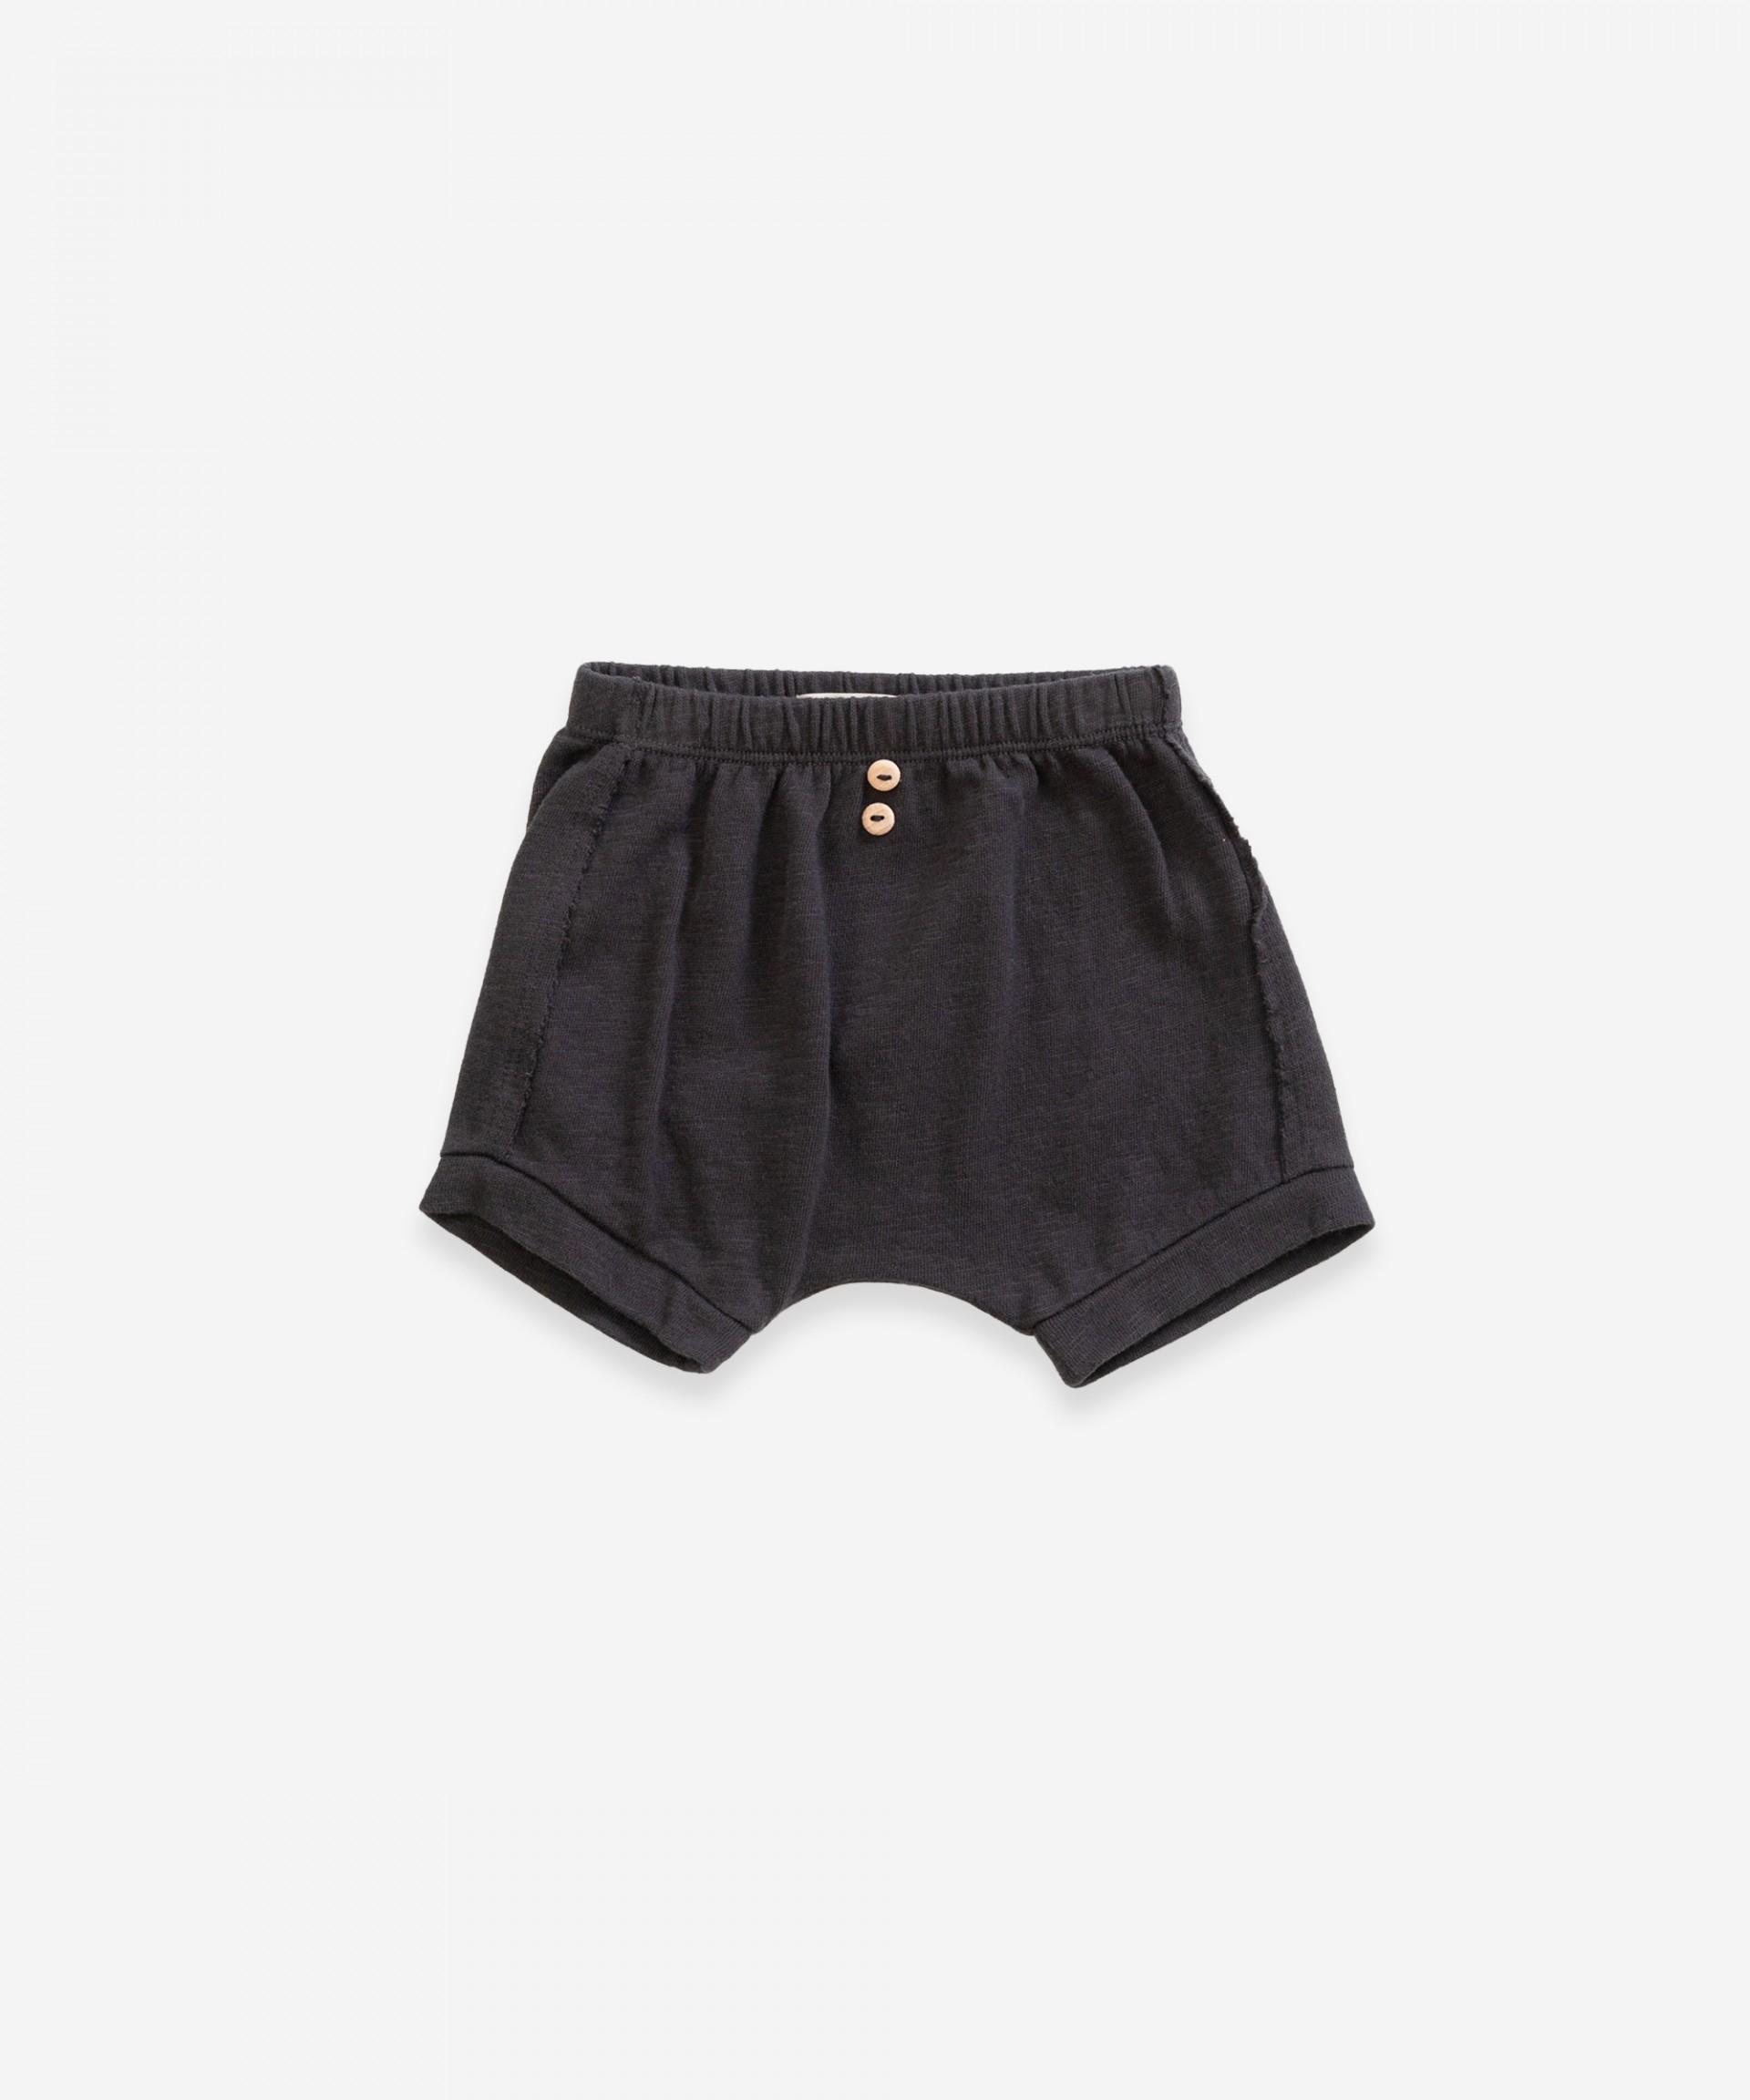 Pantalón corto de algodón orgánico con bolsillo | Weaving